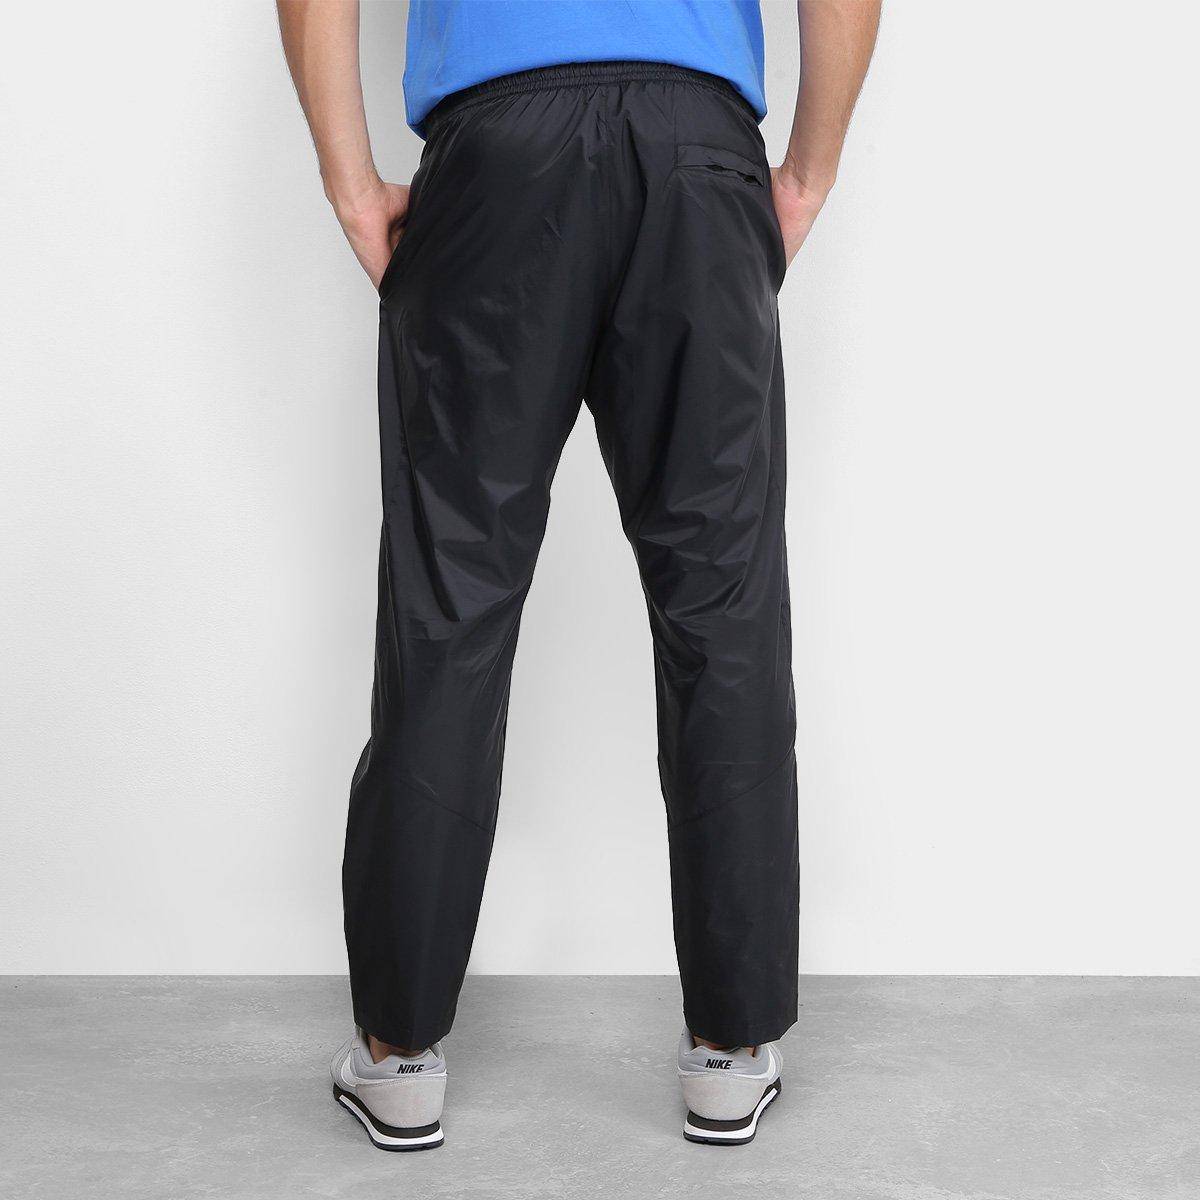 Calça Nike Nsw Track Masculina - Preto e Branco - Compre Agora ... 043e37b36a791